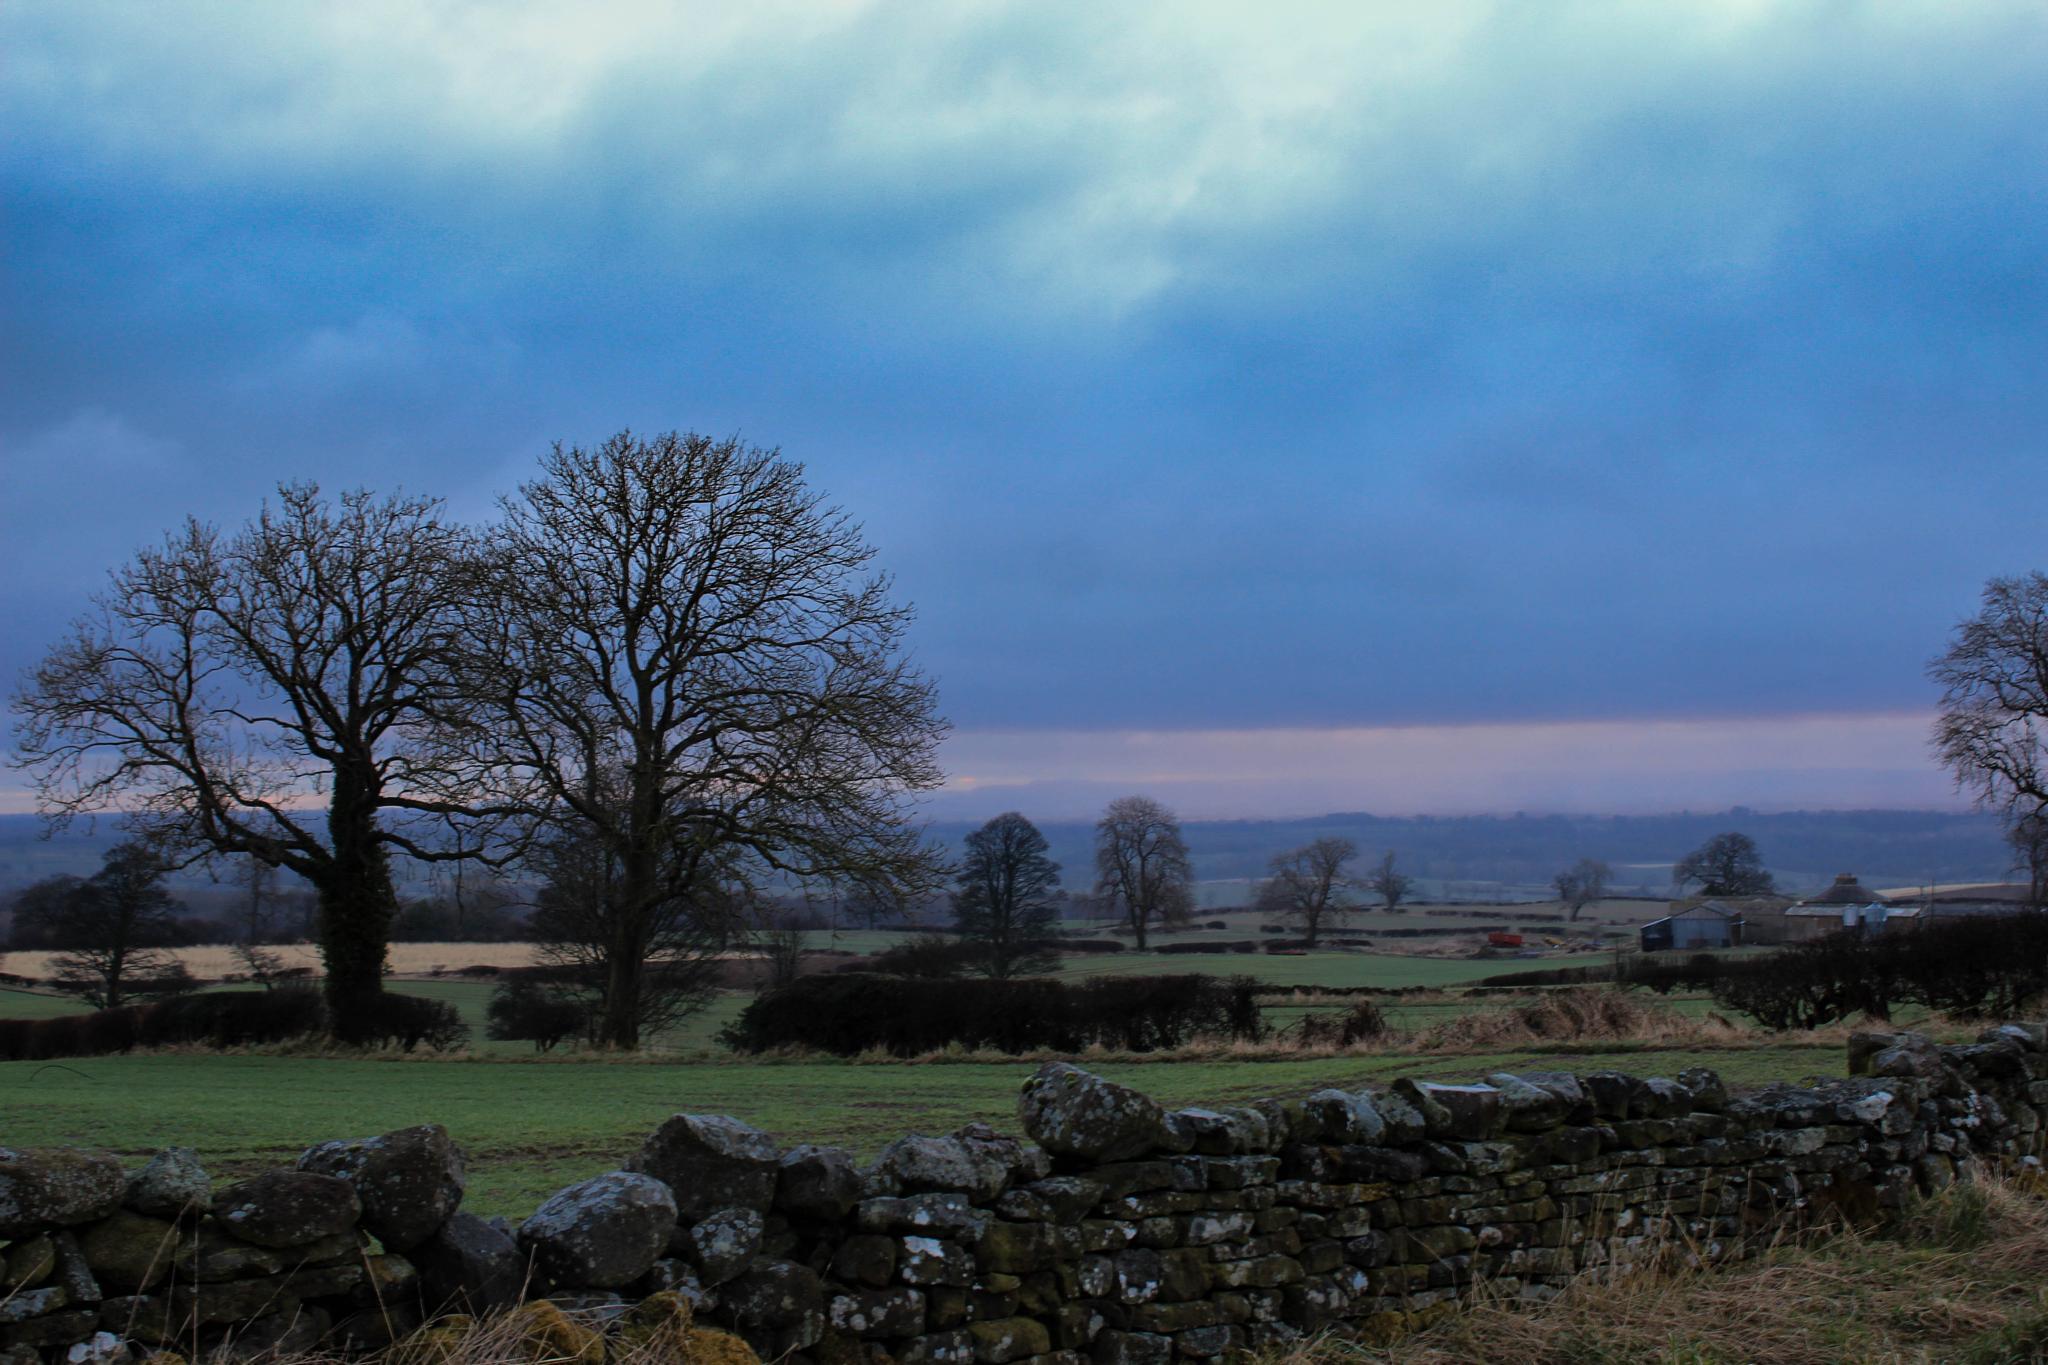 Yorkshire view by karlijn.meijerink.5